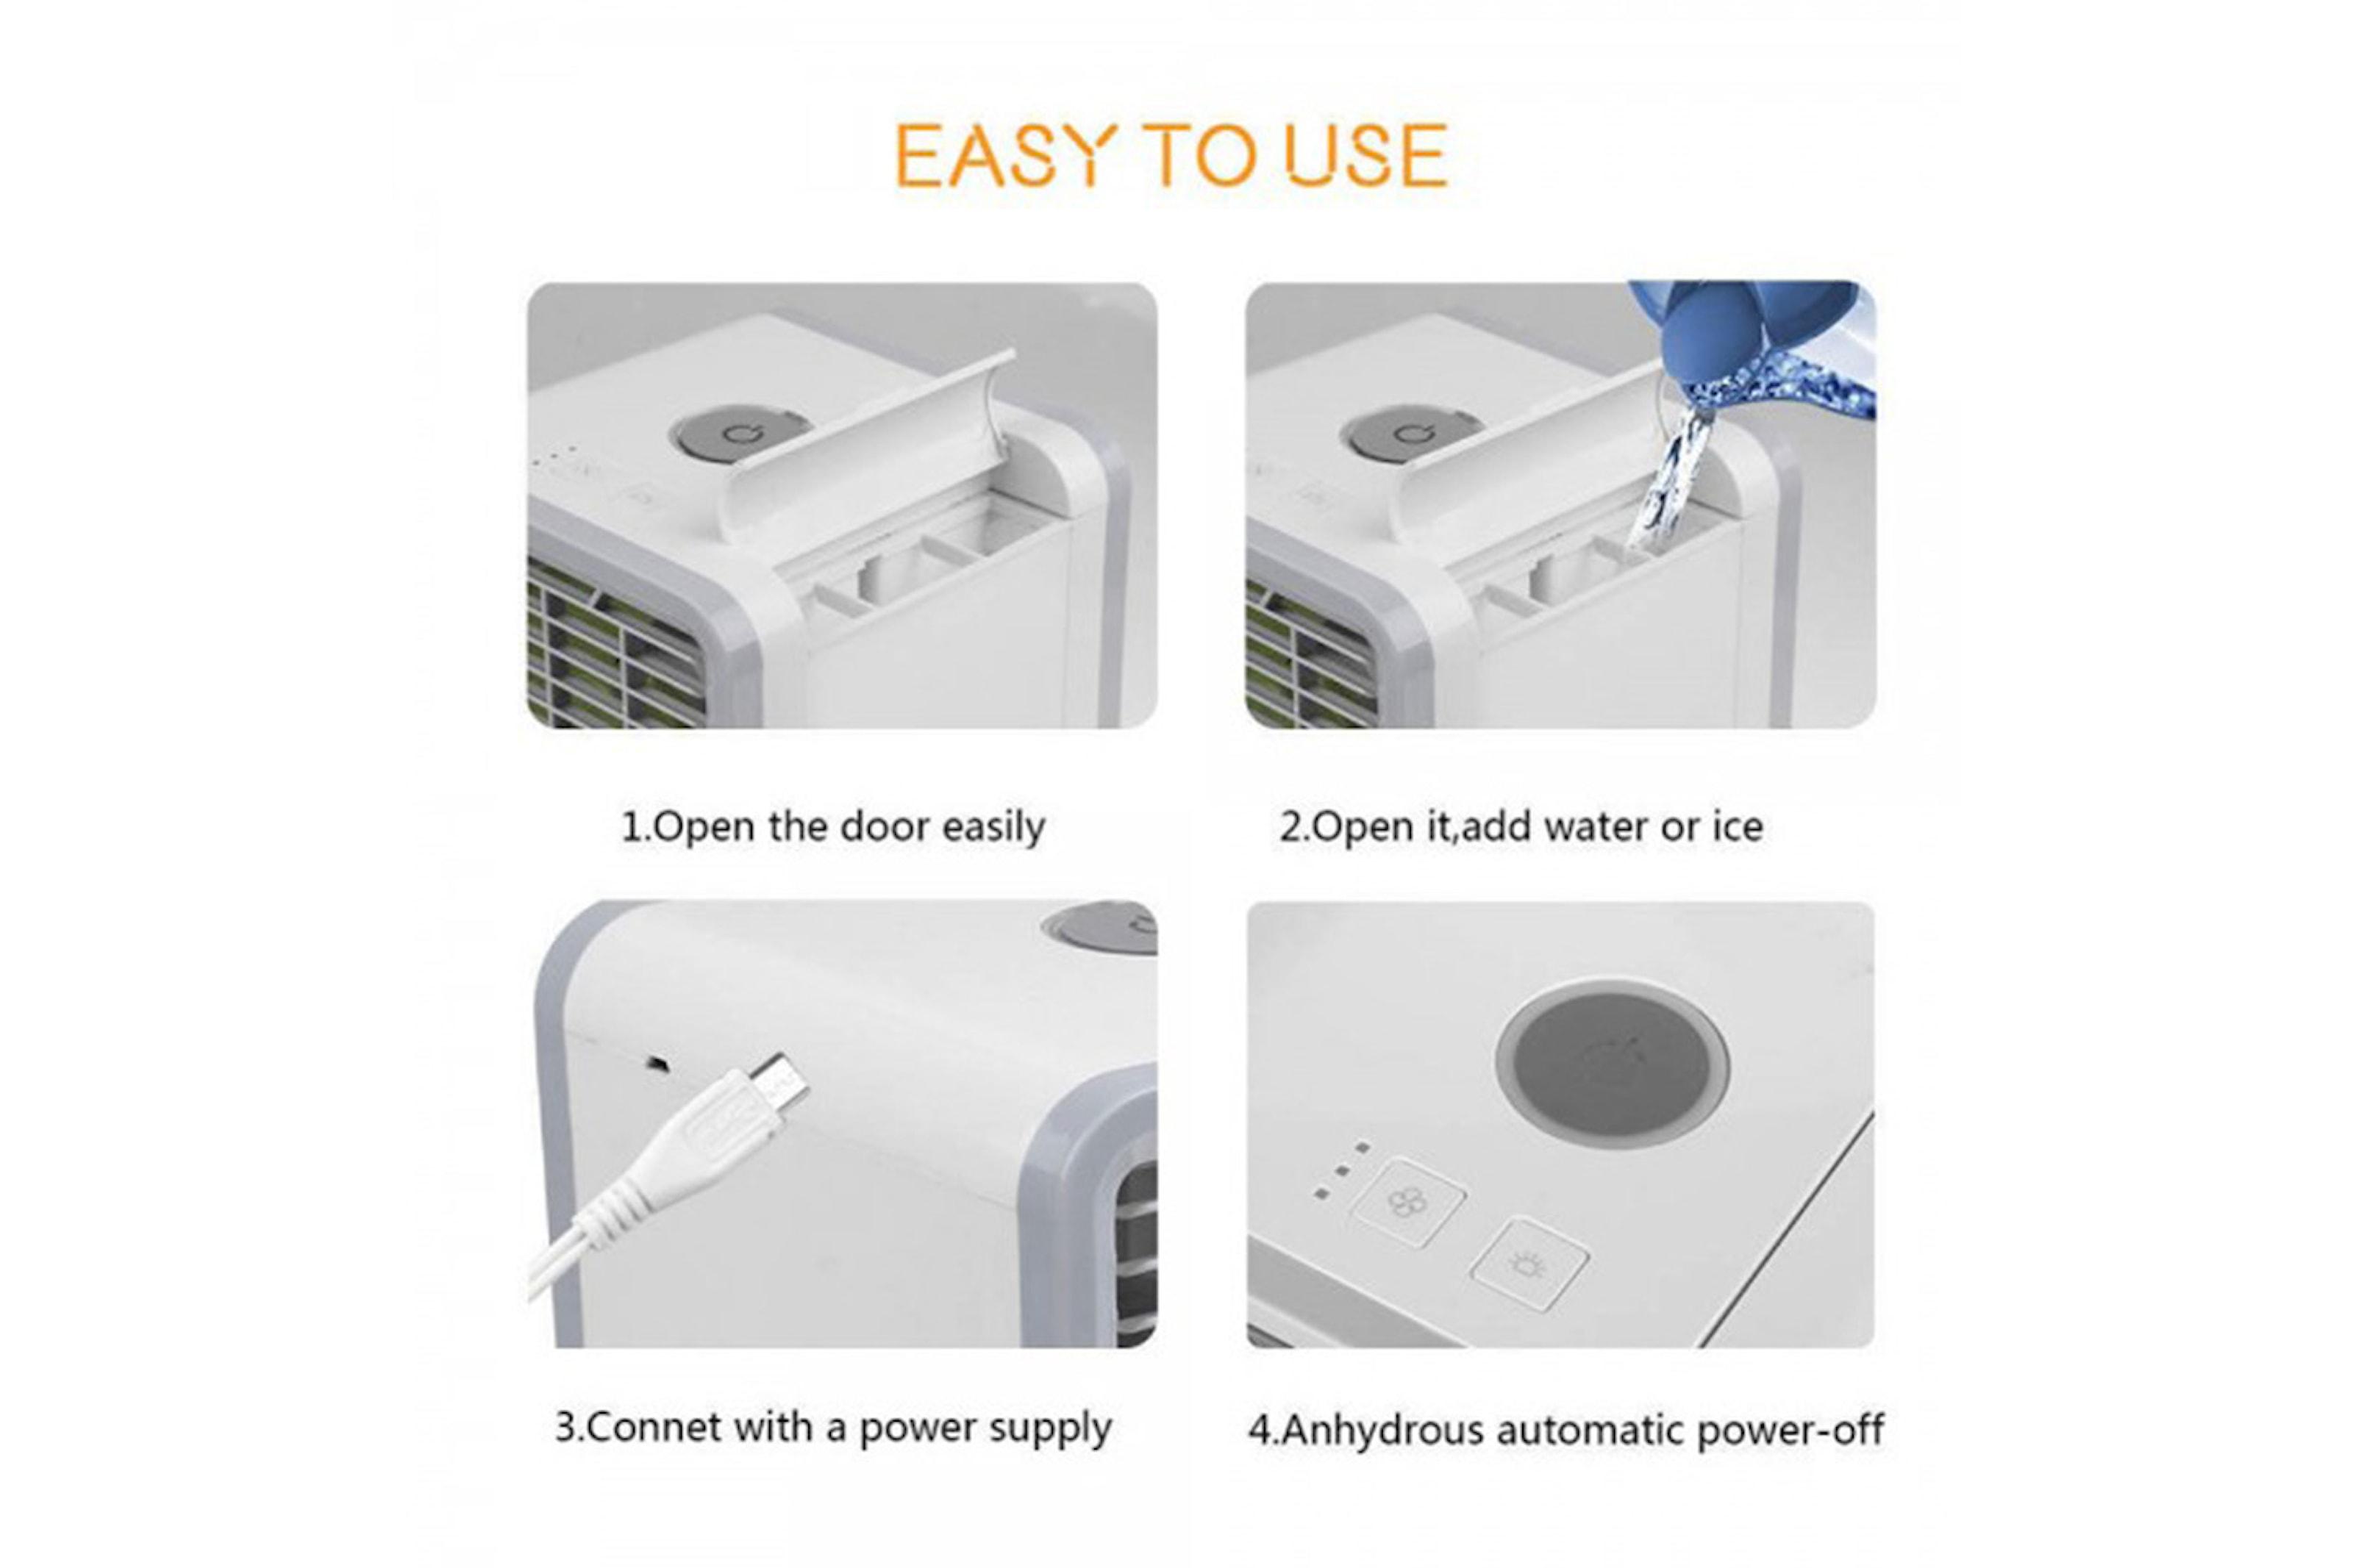 Liten og bærbar luftkjøler og luftfukter